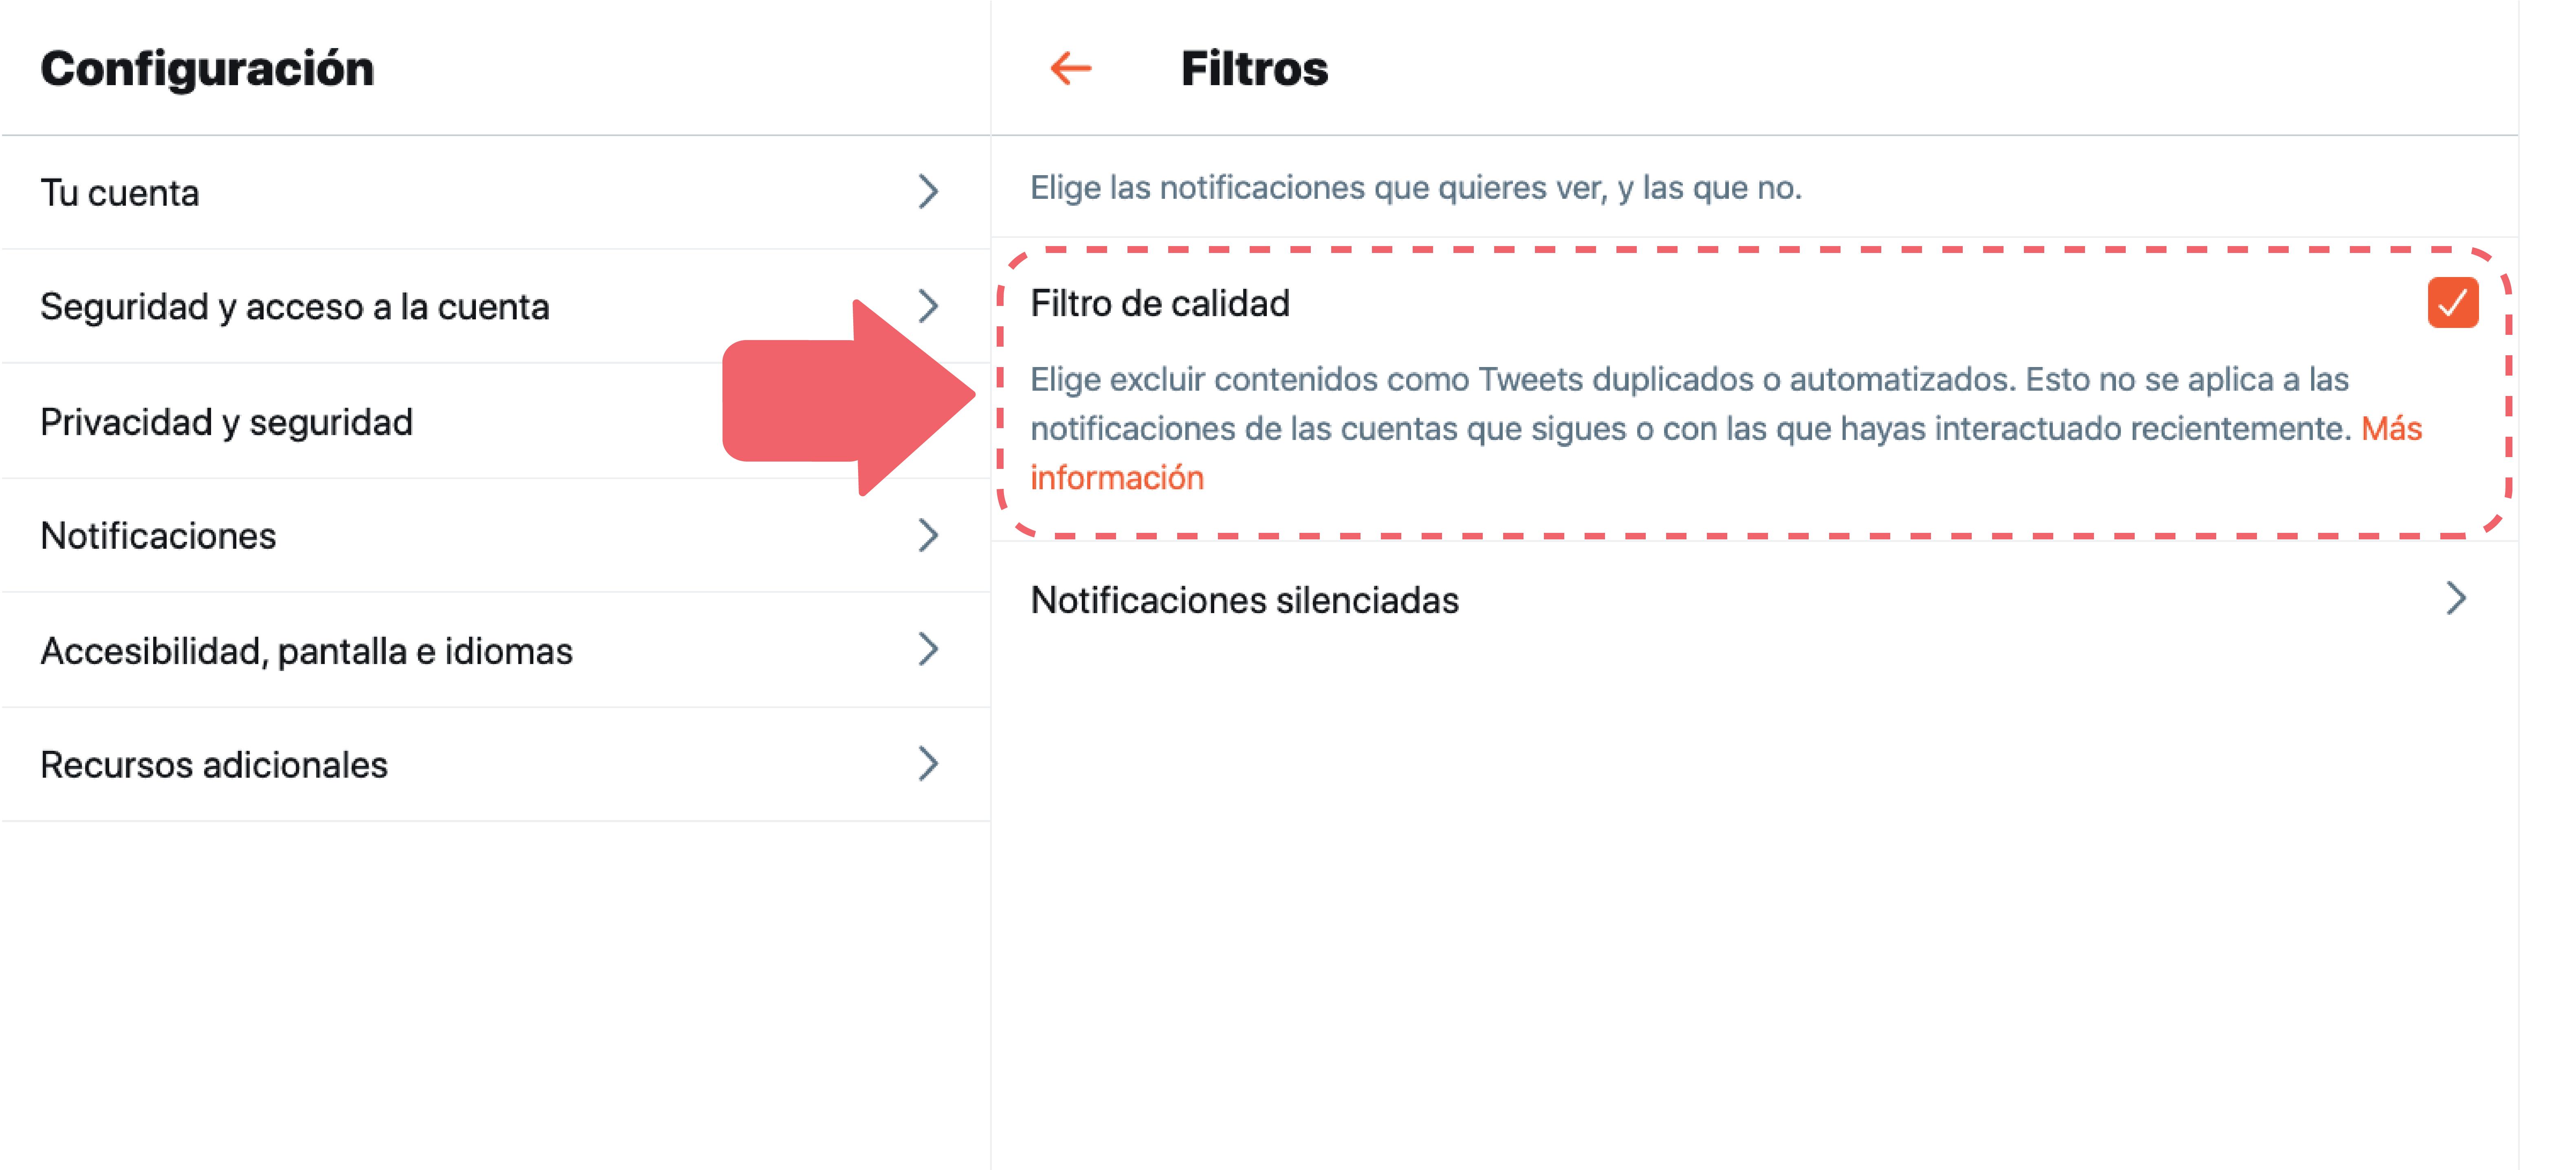 En esta opción podrás excluir contenidos como Tweets duplicados o automatizados. Esto no se aplica a las notificaciones de las cuentas que sigues o con las que hayas interactuado recientemente.